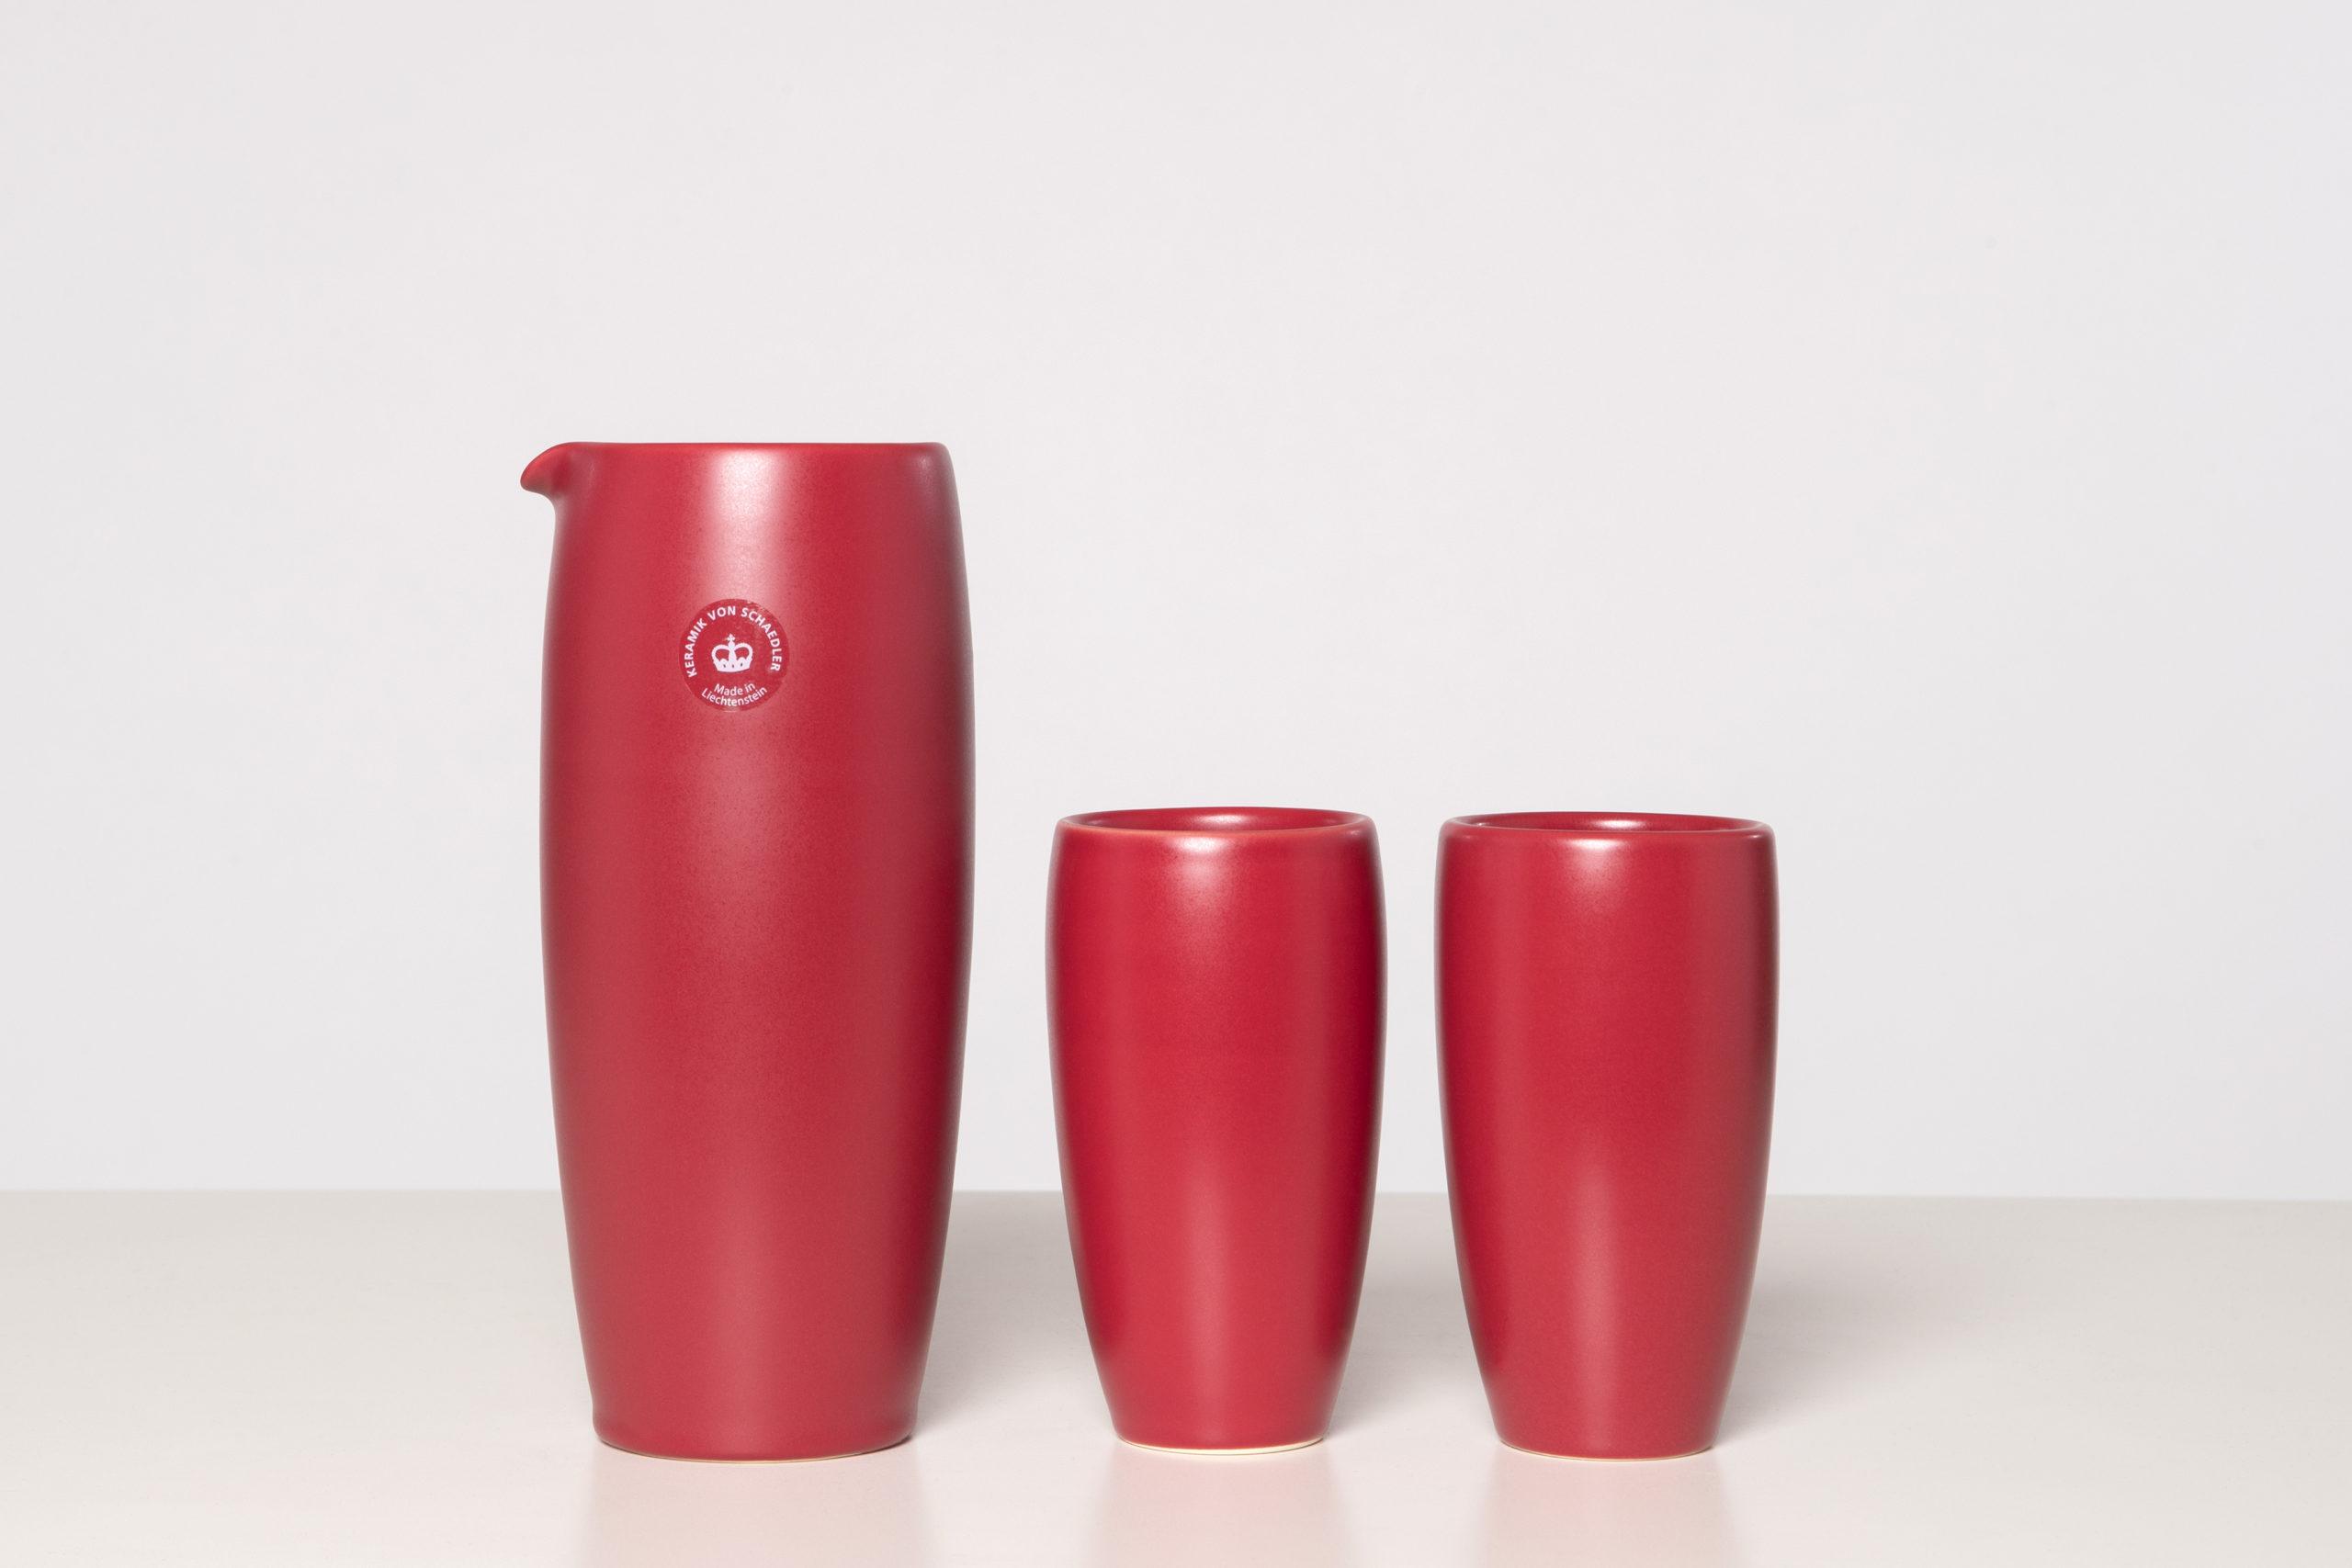 keramik werkstatt schädler AG